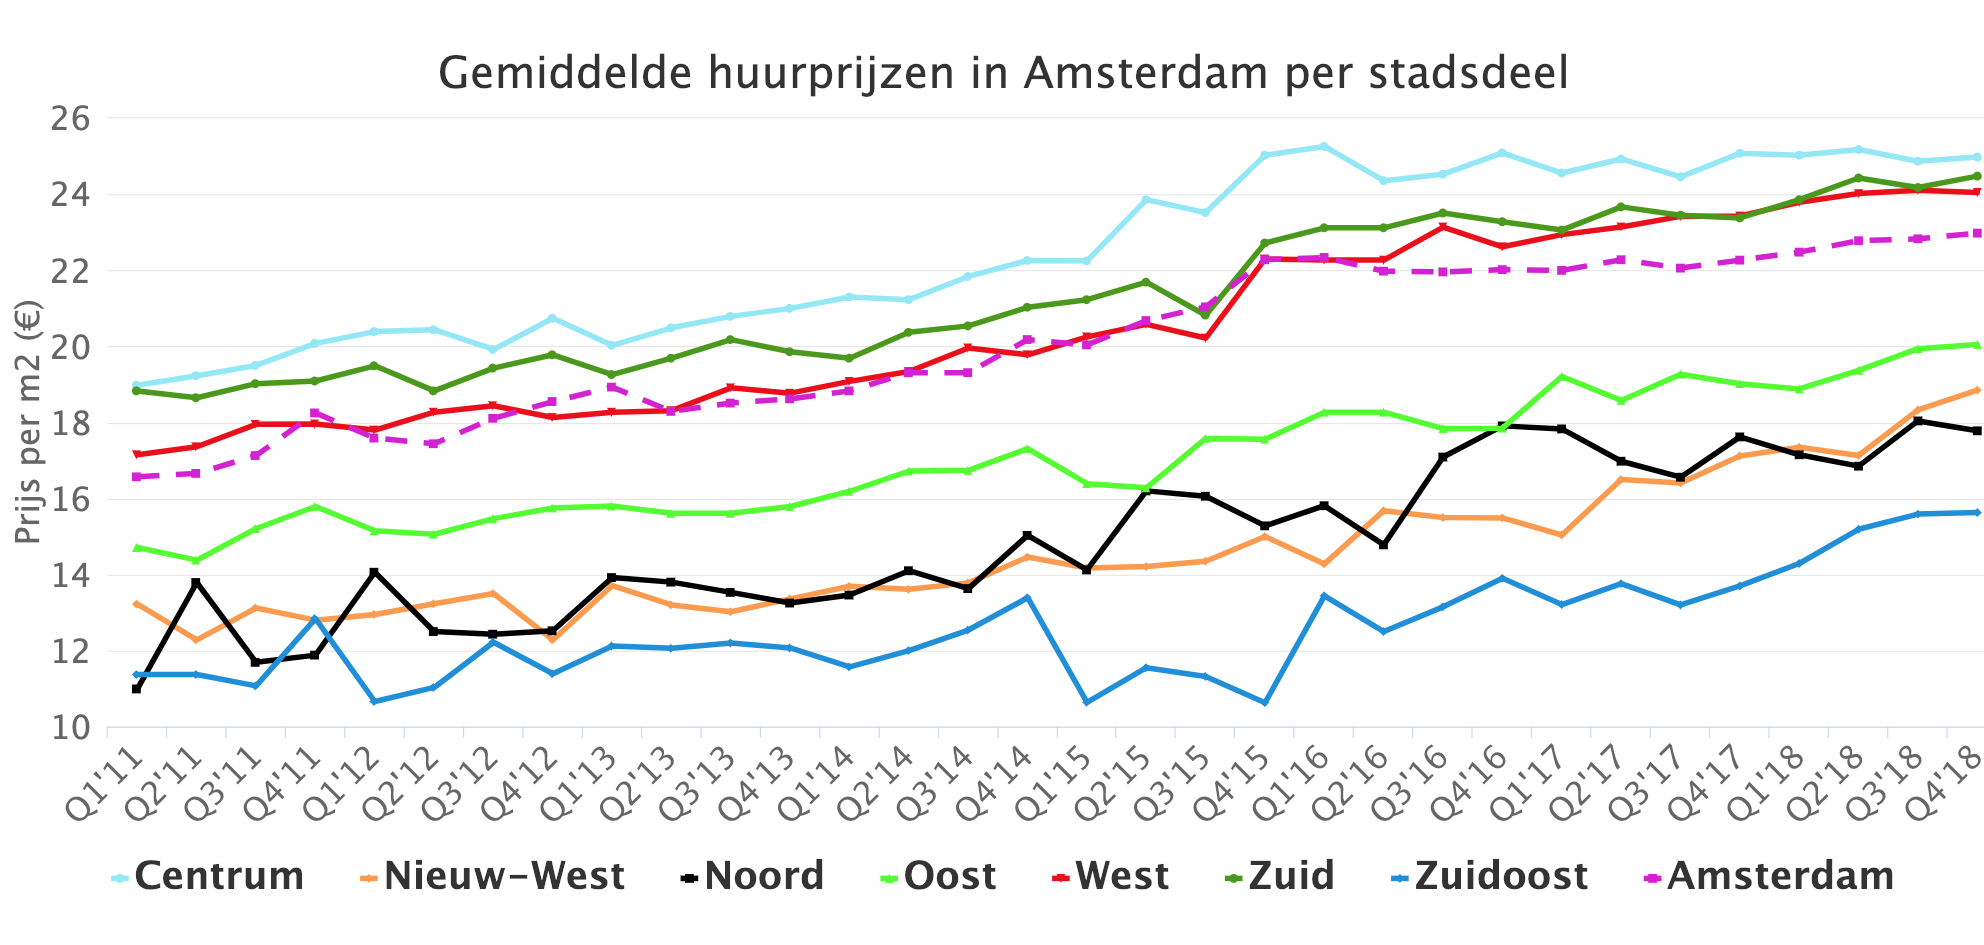 Gemiddelde huurprijzen in Amsterdam per stadsdeel